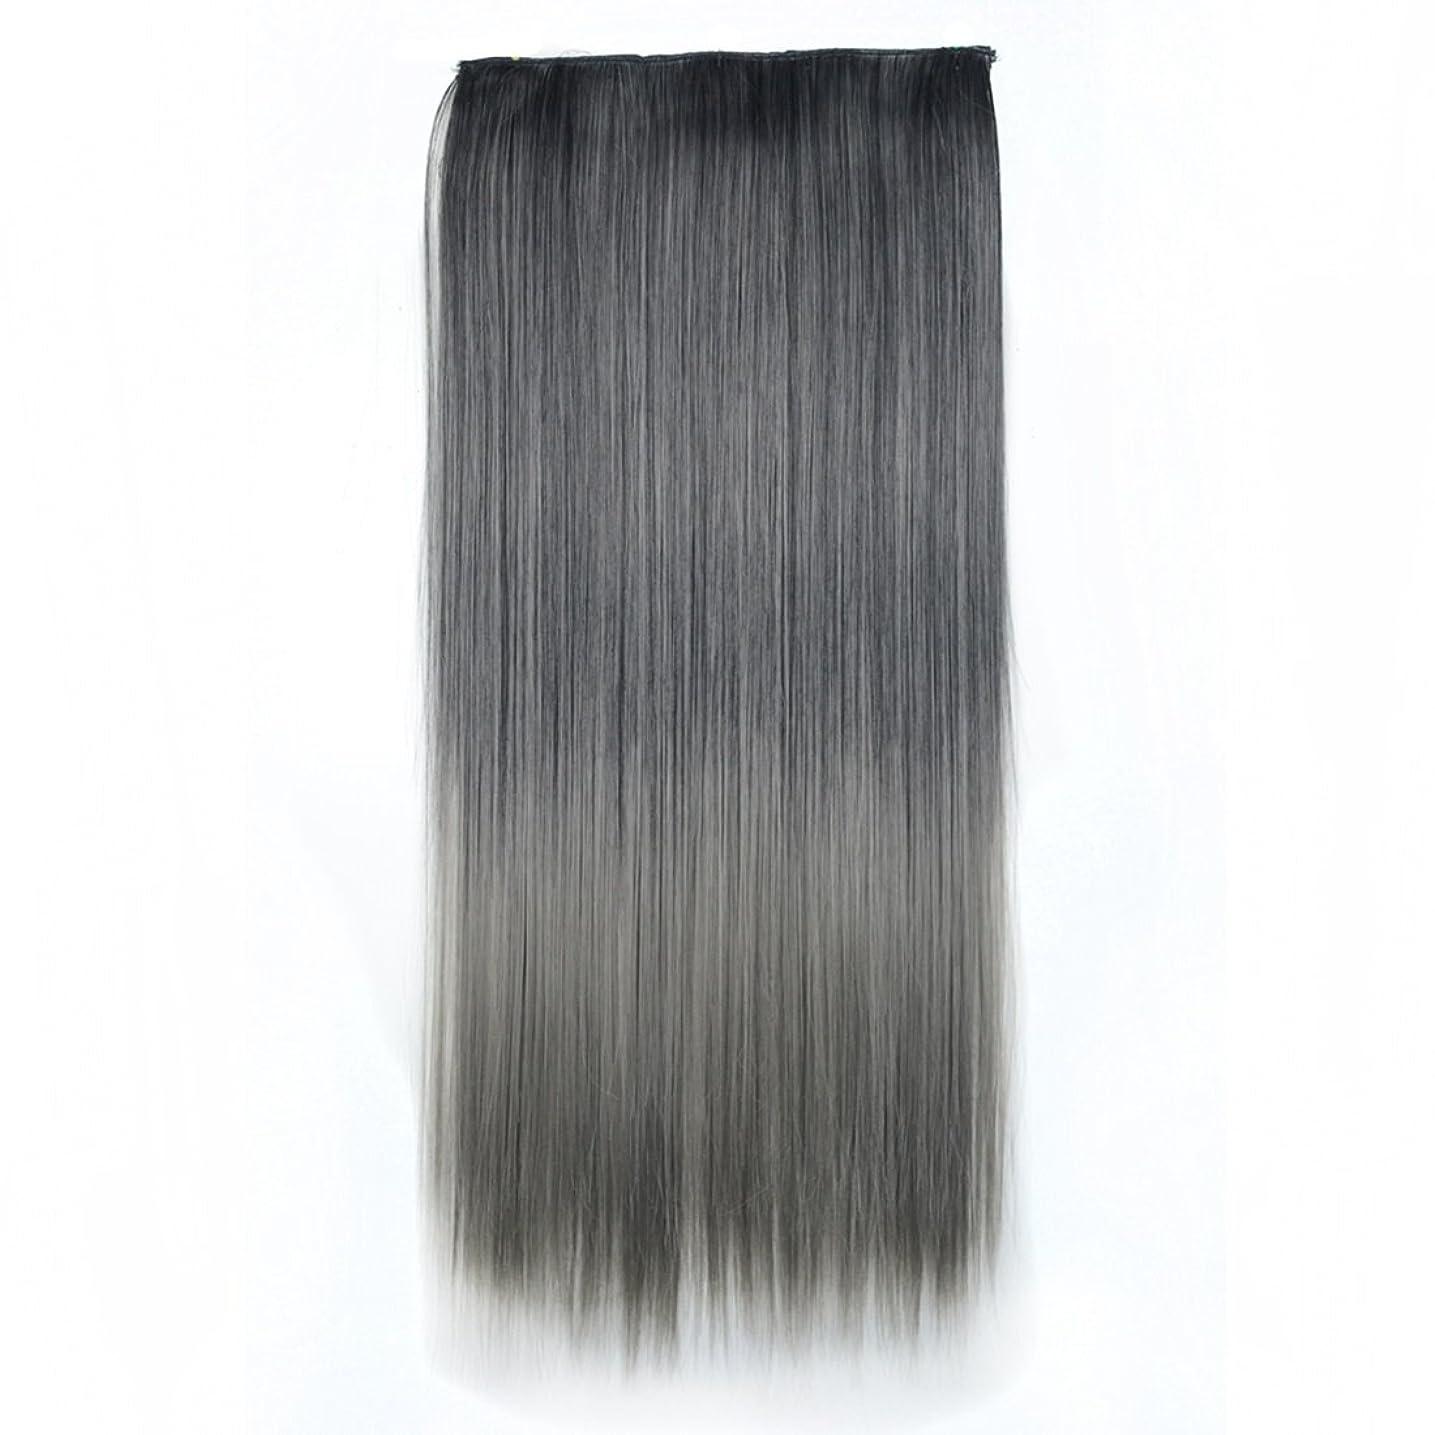 凝縮する男インフルエンザJIANFU 合成ヘアエクステンションヘアカラーグラデーションウィッグピースで5クリップロングストレートヘアピース60cm (Color : Black gradient light granny ash)